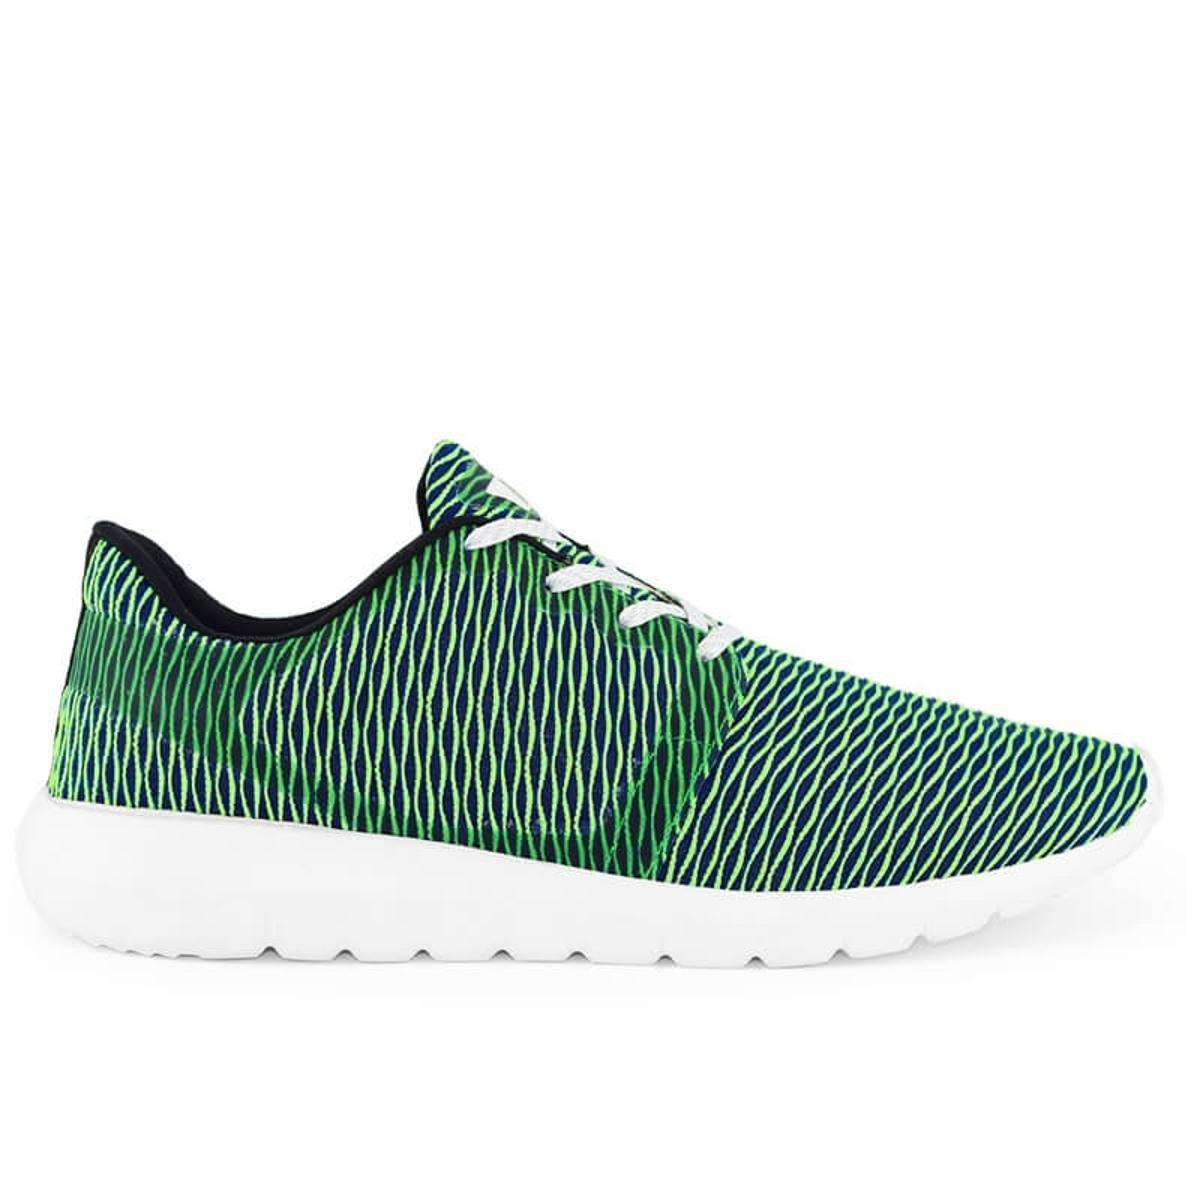 e Tênis Verde Meu Meu Tênis 0726 Sapato Branco SNAKE 0FwFqa